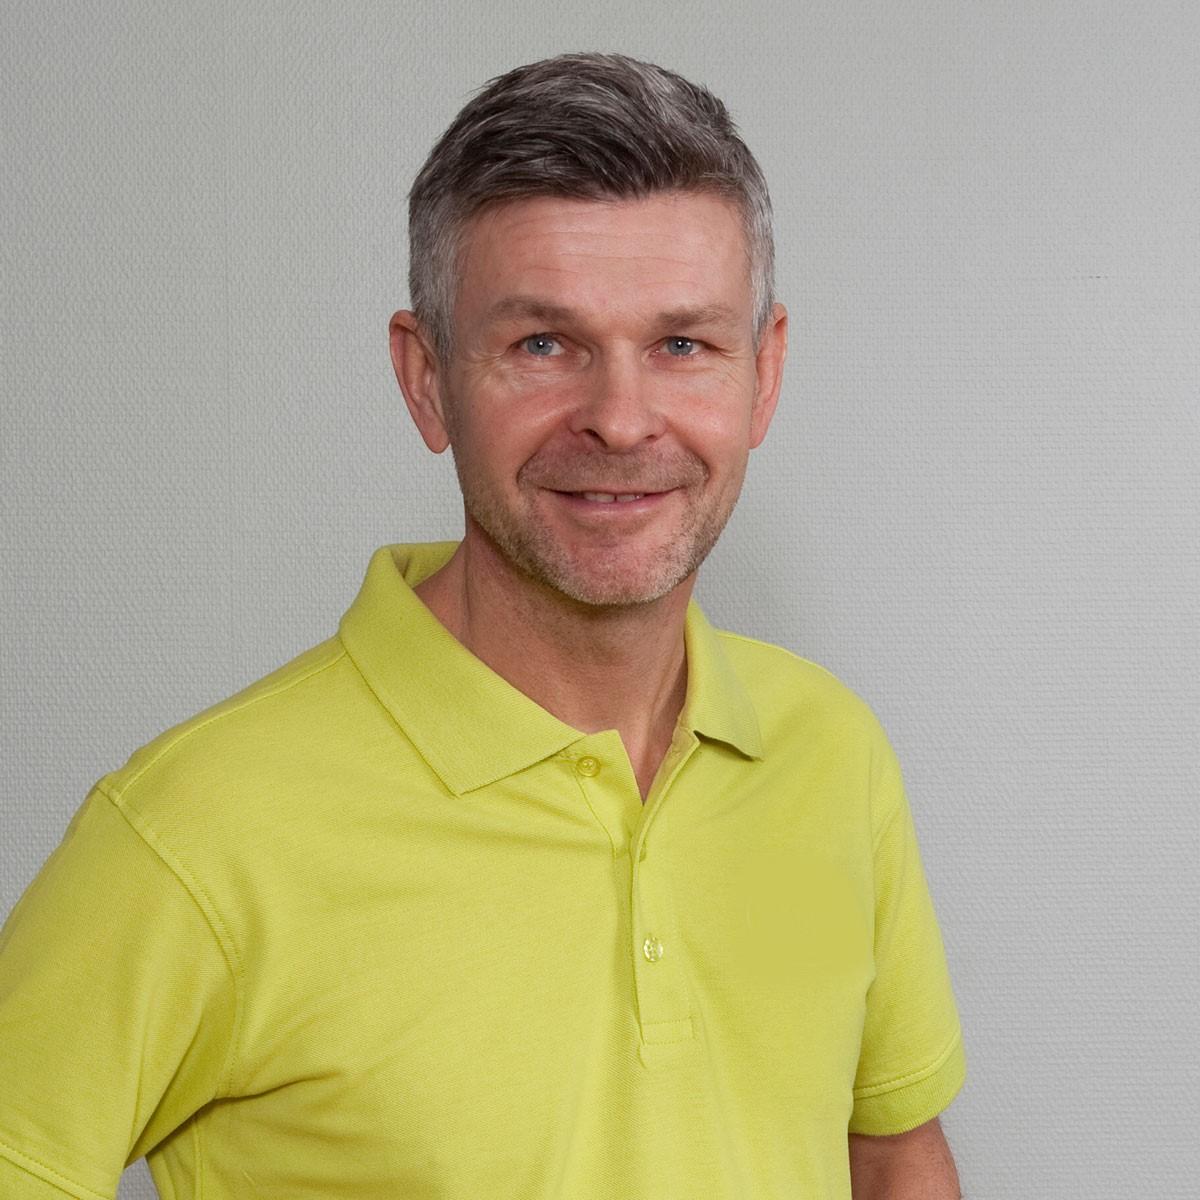 Thomas Söder